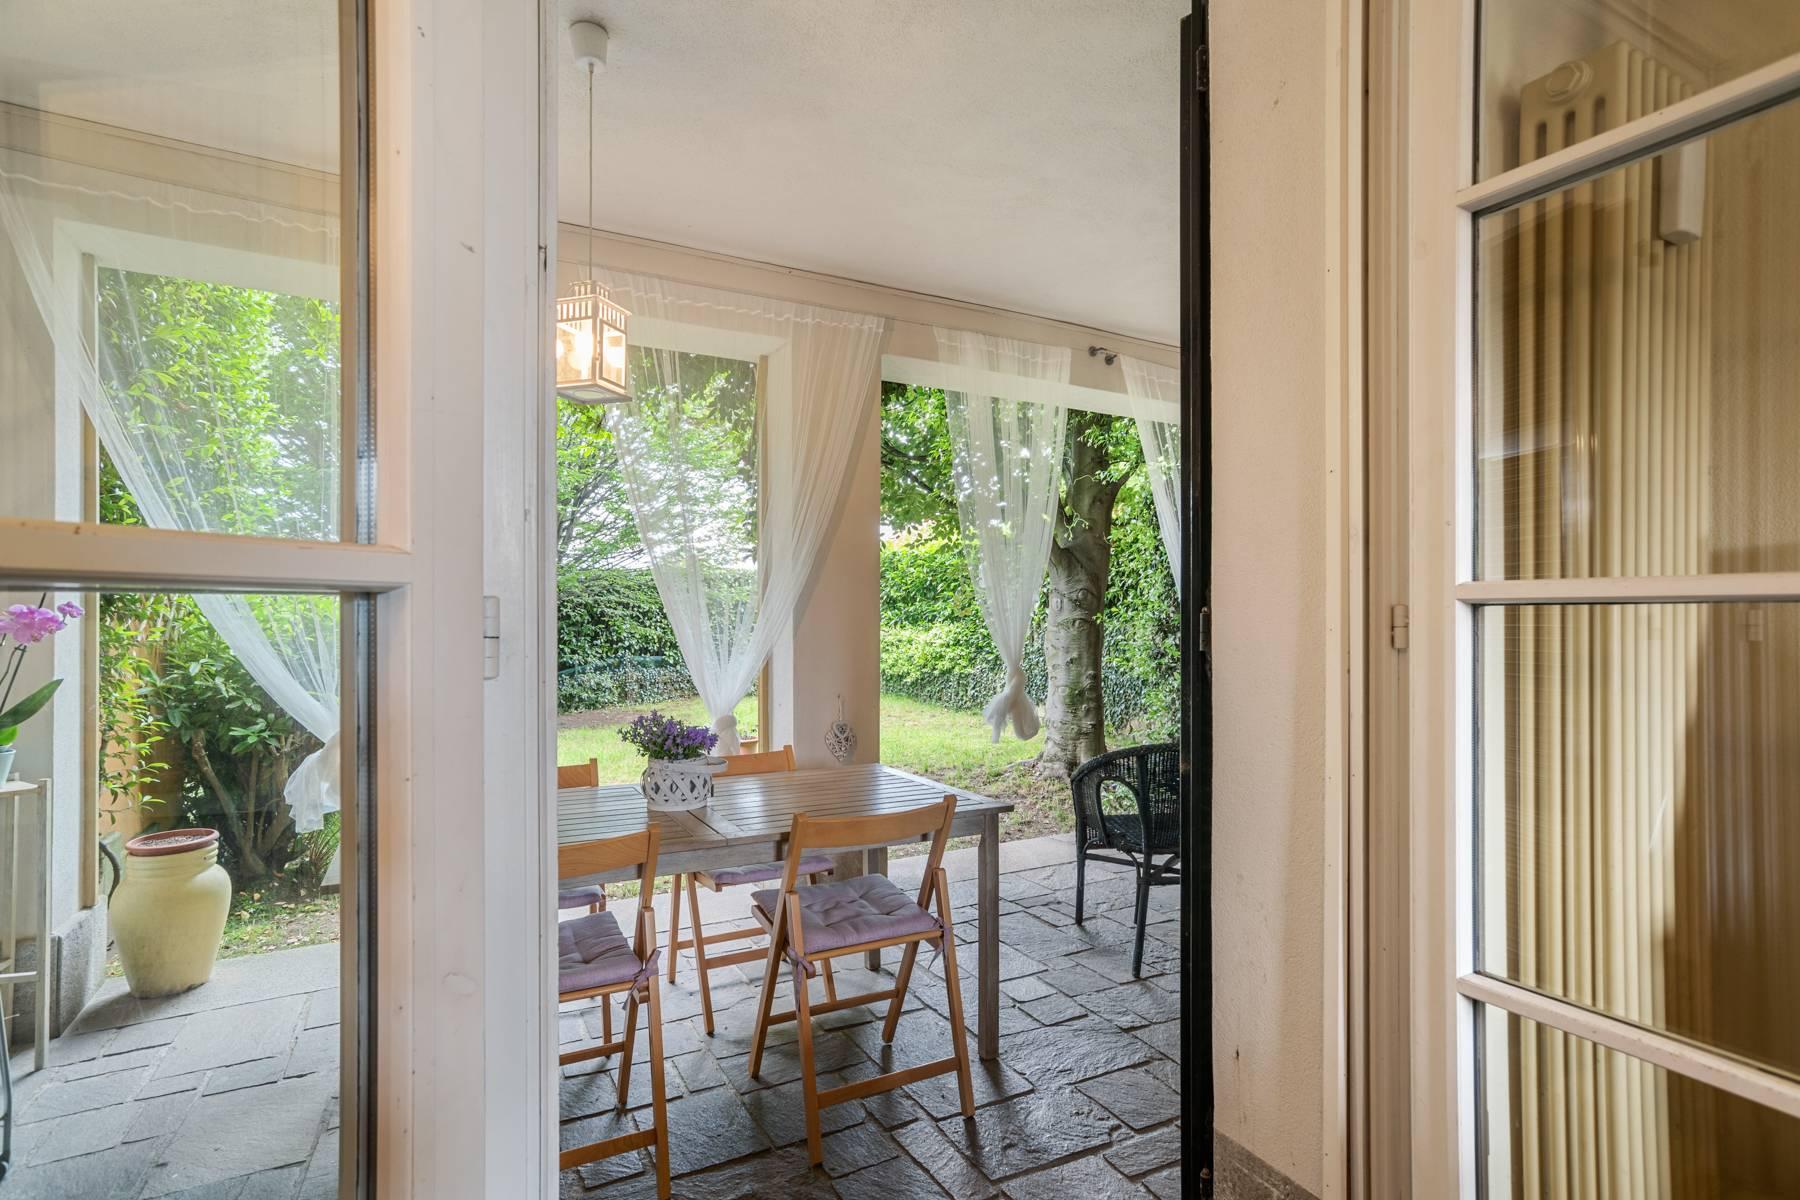 Villa in Vendita a Agrate Conturbia: 5 locali, 239 mq - Foto 3